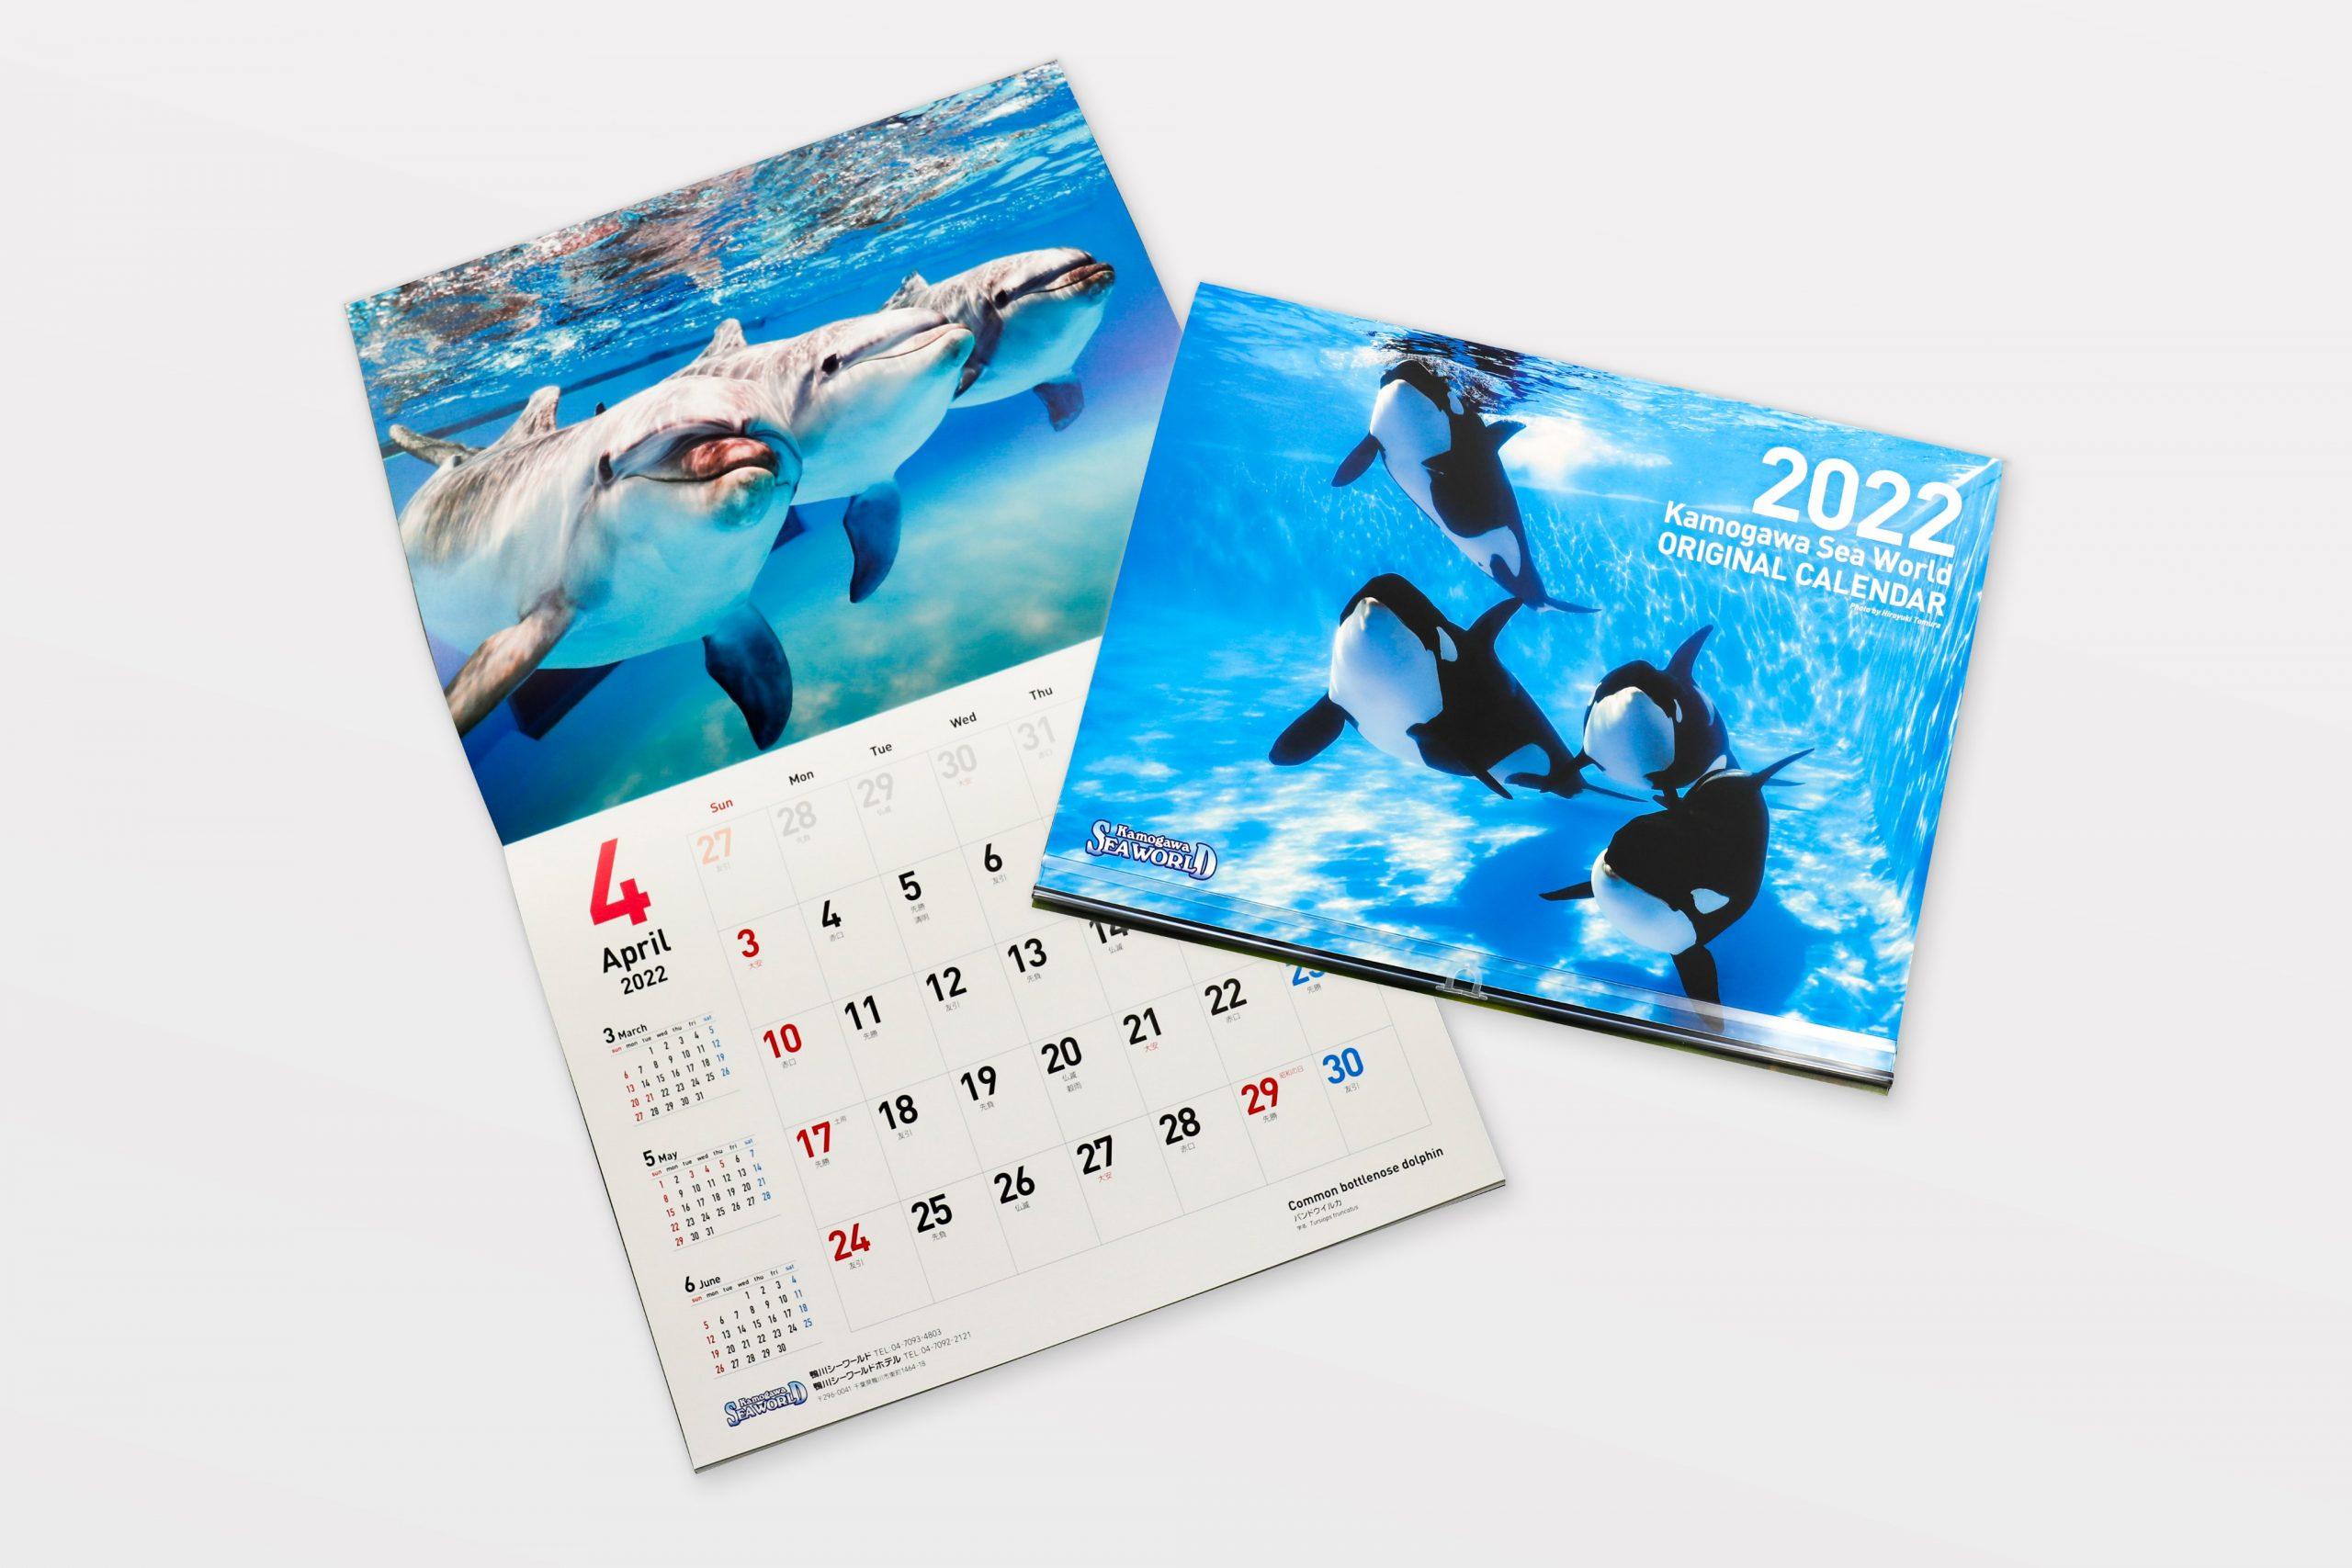 水中写真家・戸村裕行氏による、2022年度「鴨川シーワールドオリジナルカレンダー」が販売開始